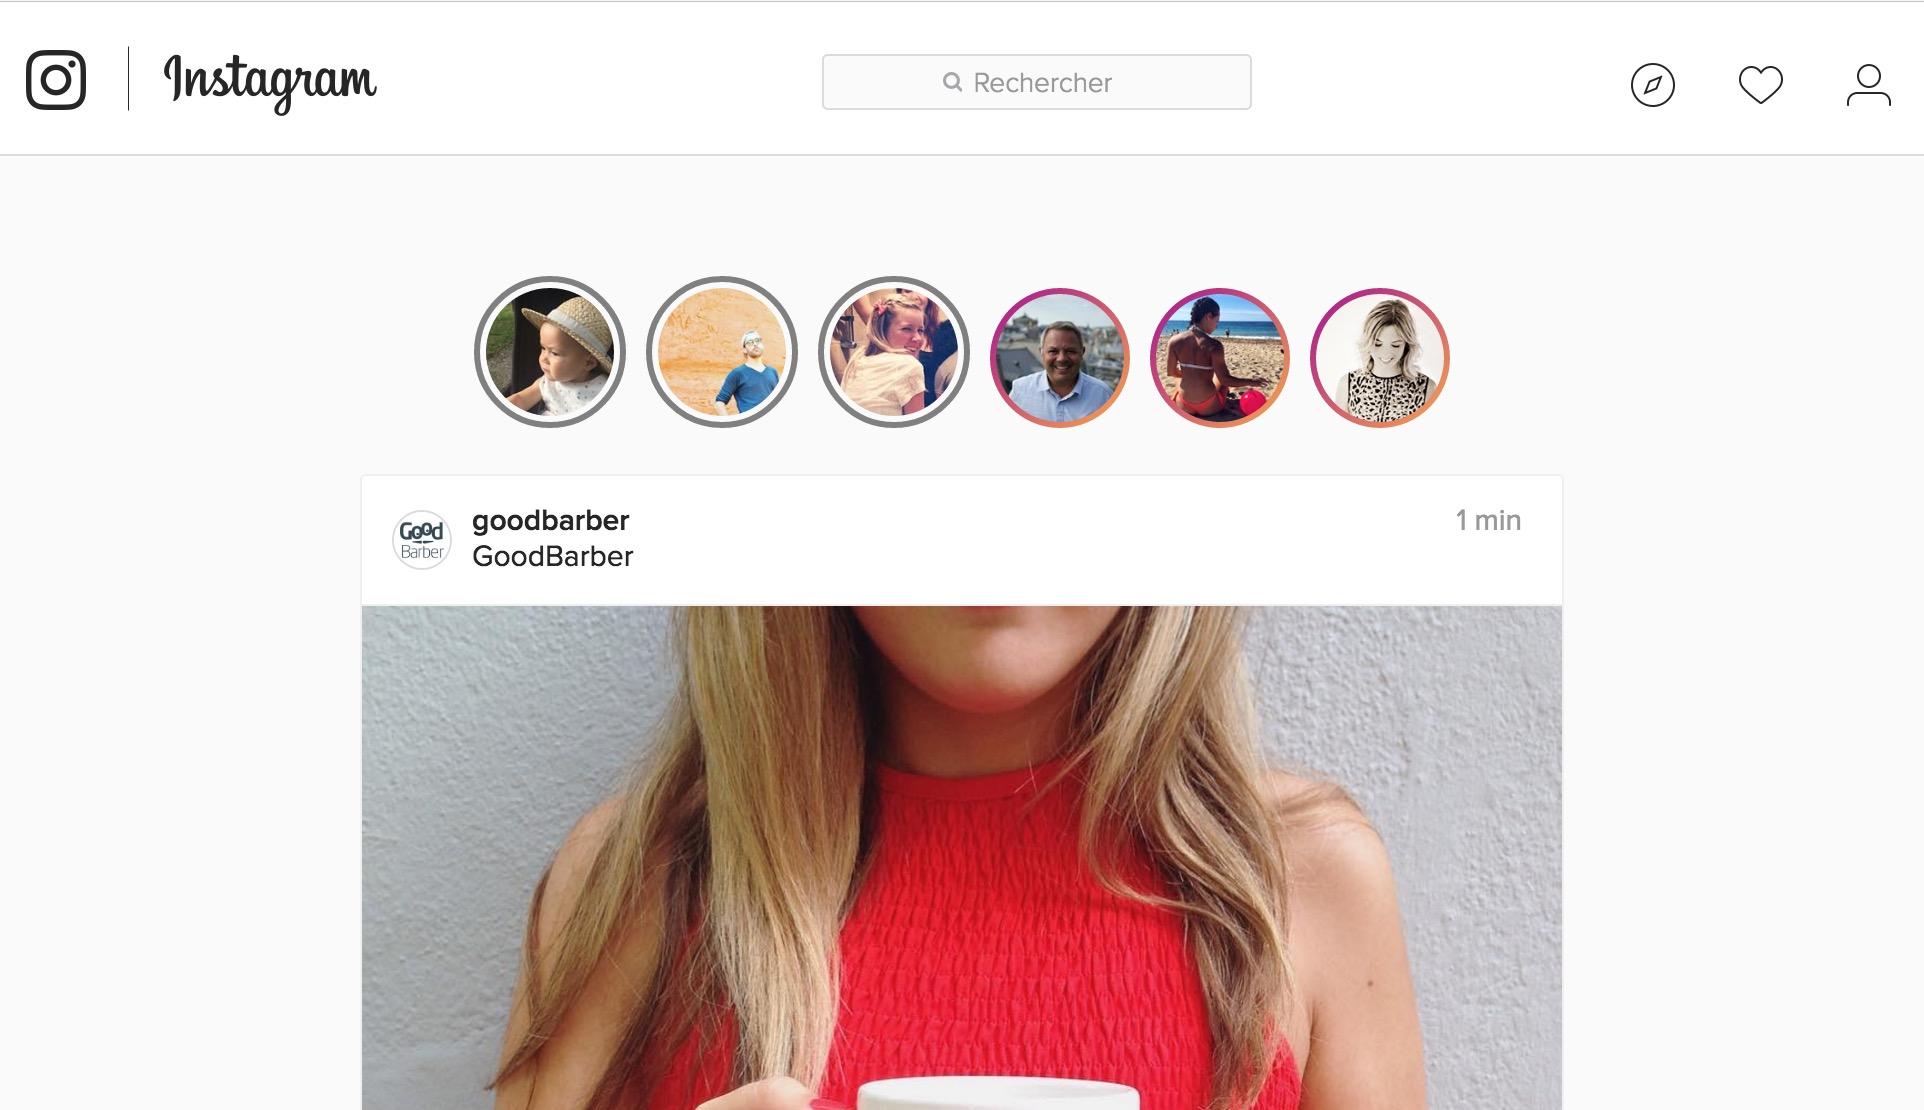 Aujourd'hui je vais très simplement vous montrer comment ajouter un onglet ...  que vous attendez, bien sûr, avec impatience : l'ajout d'un onglet Instagram.